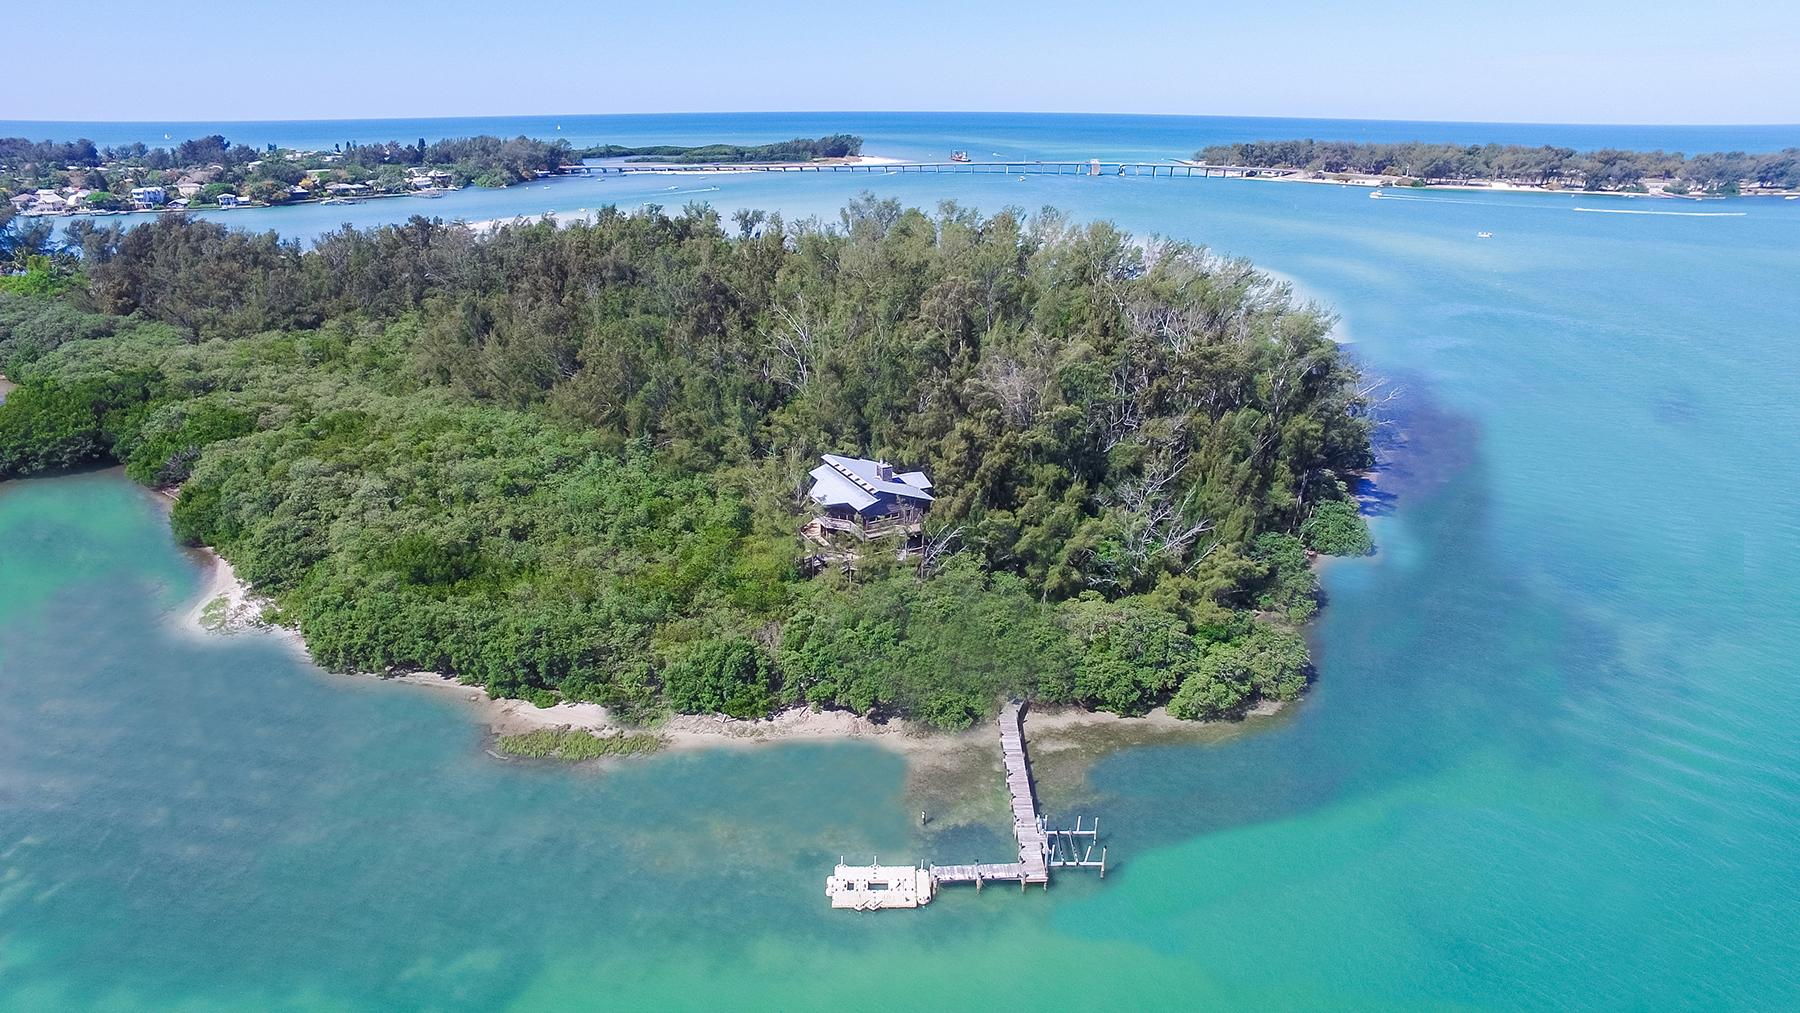 Casa Unifamiliar por un Venta en JEWFISH KEY 7140 La Lenaire Dr Longboat Key, Florida, 34228 Estados Unidos